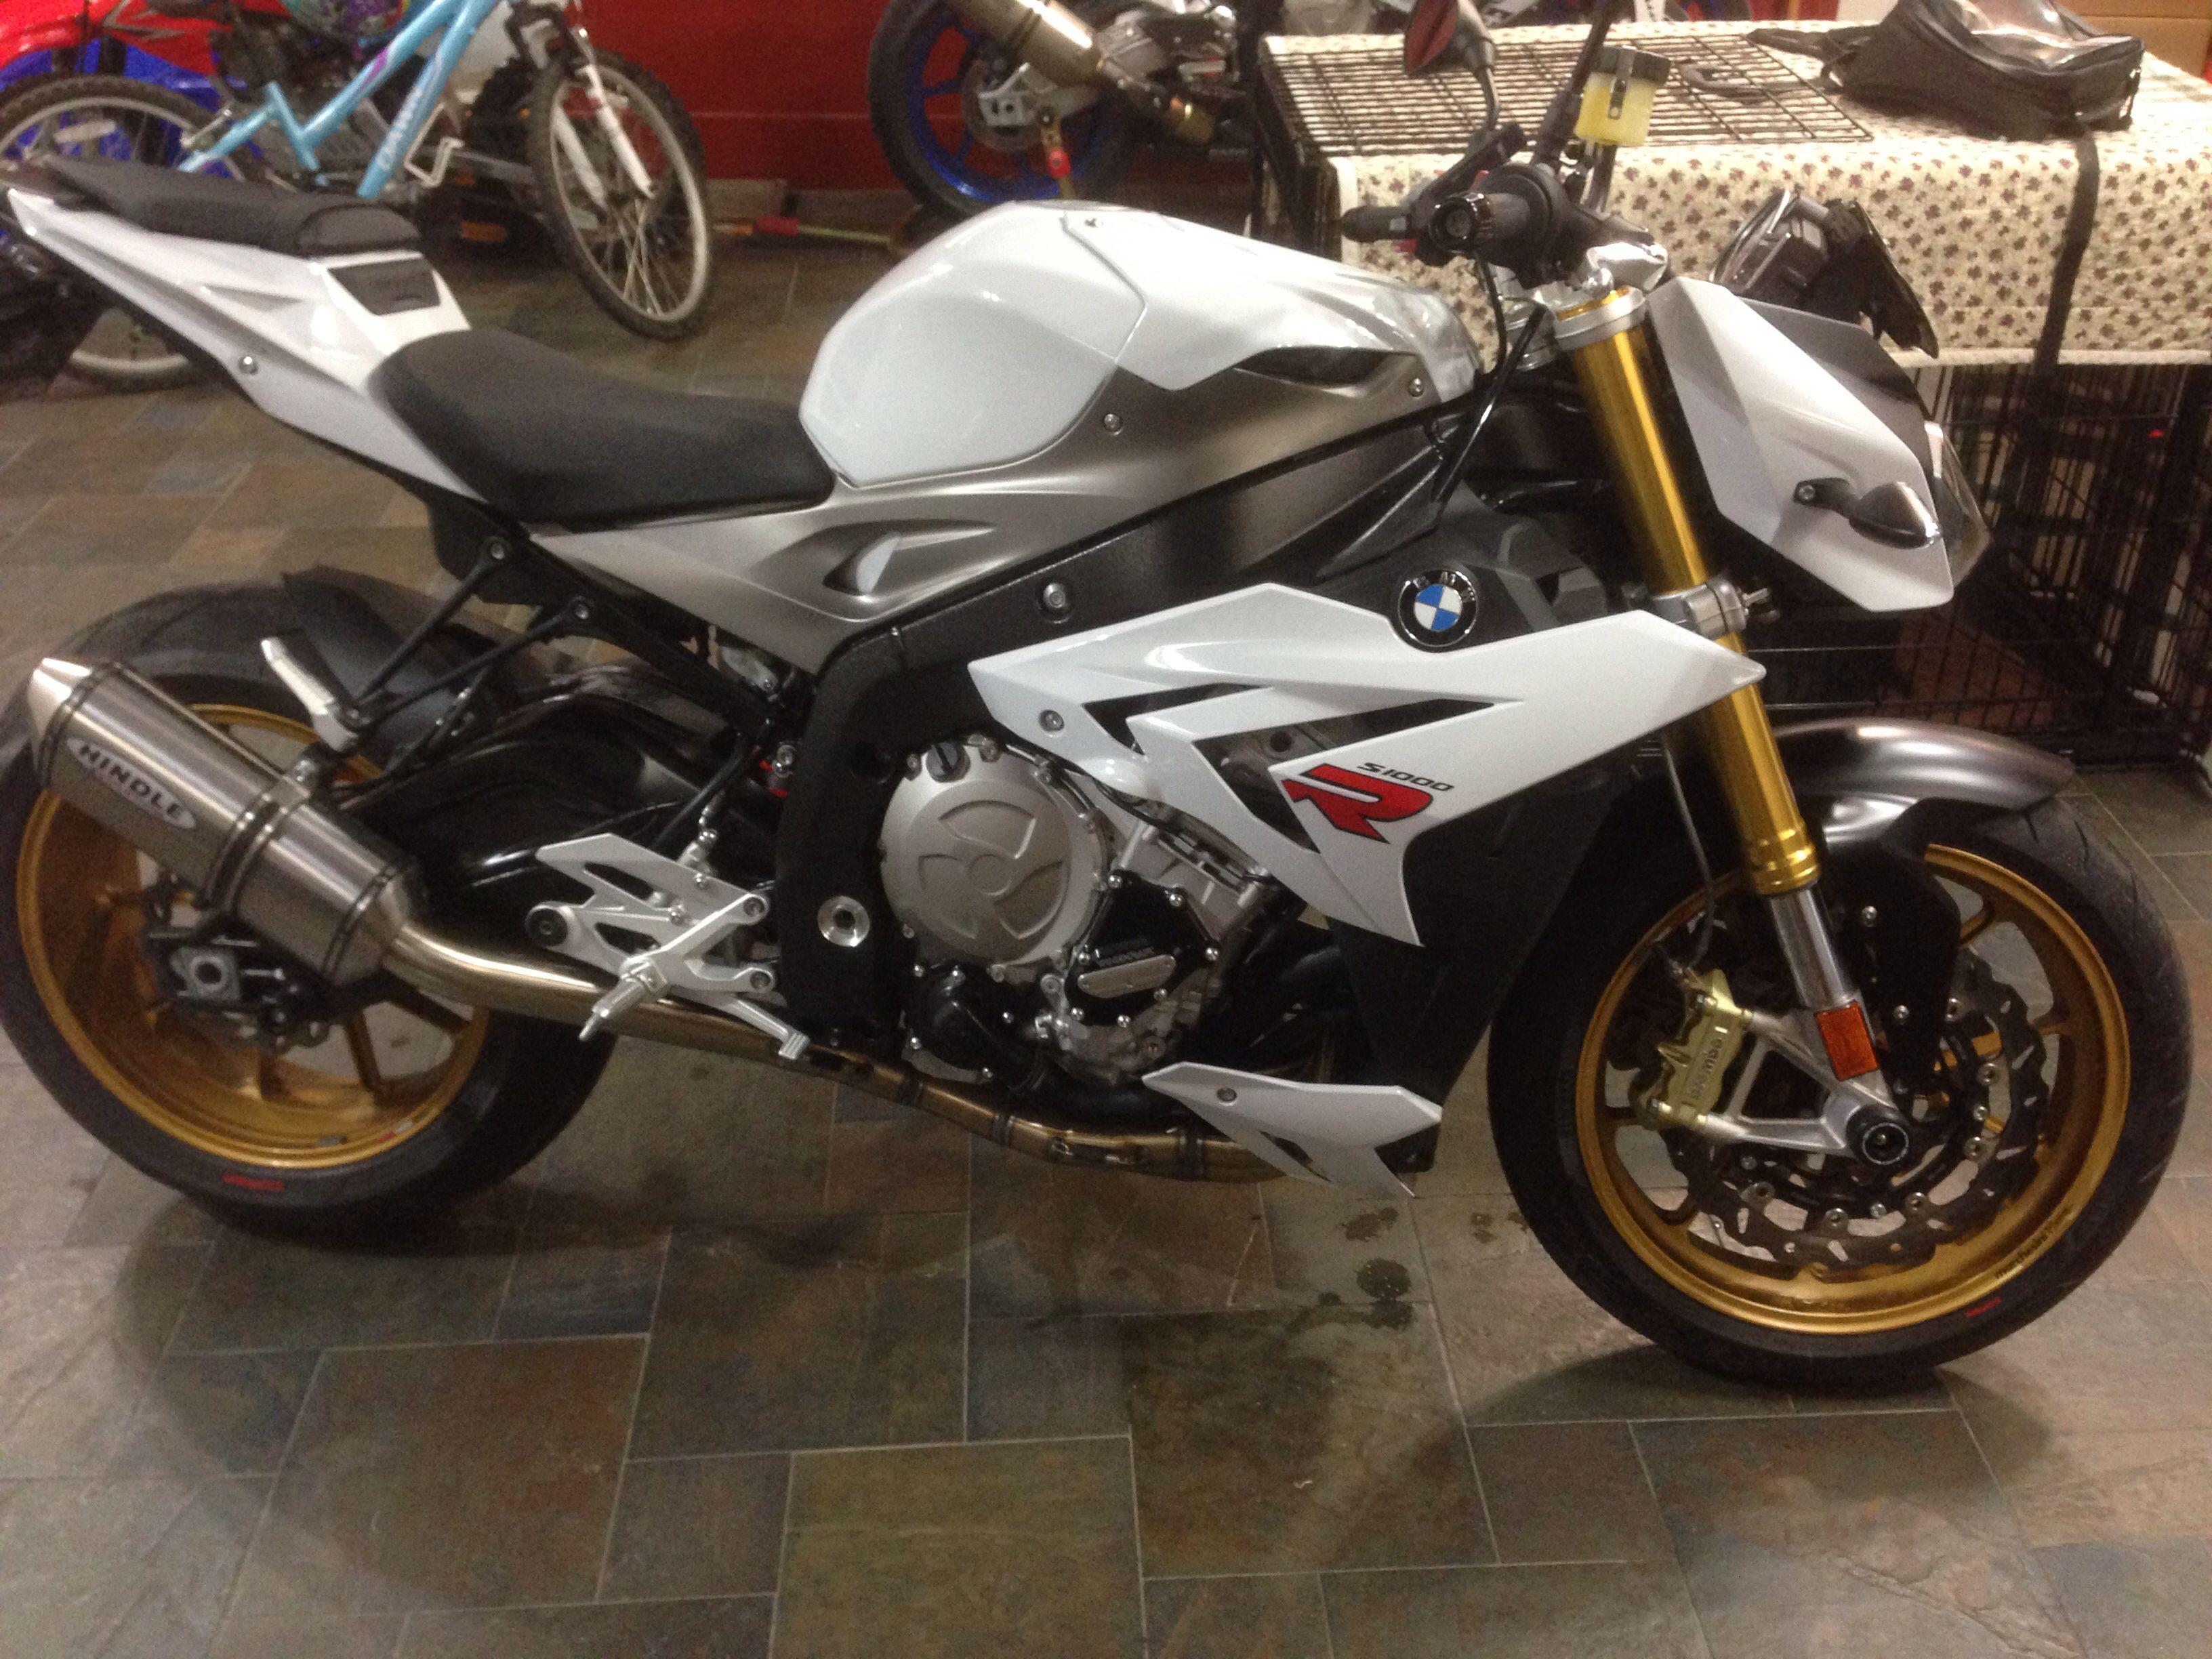 Bmw S1000r Custom Hindle Exhaust Autos Und Motorrader Autos Motorrad